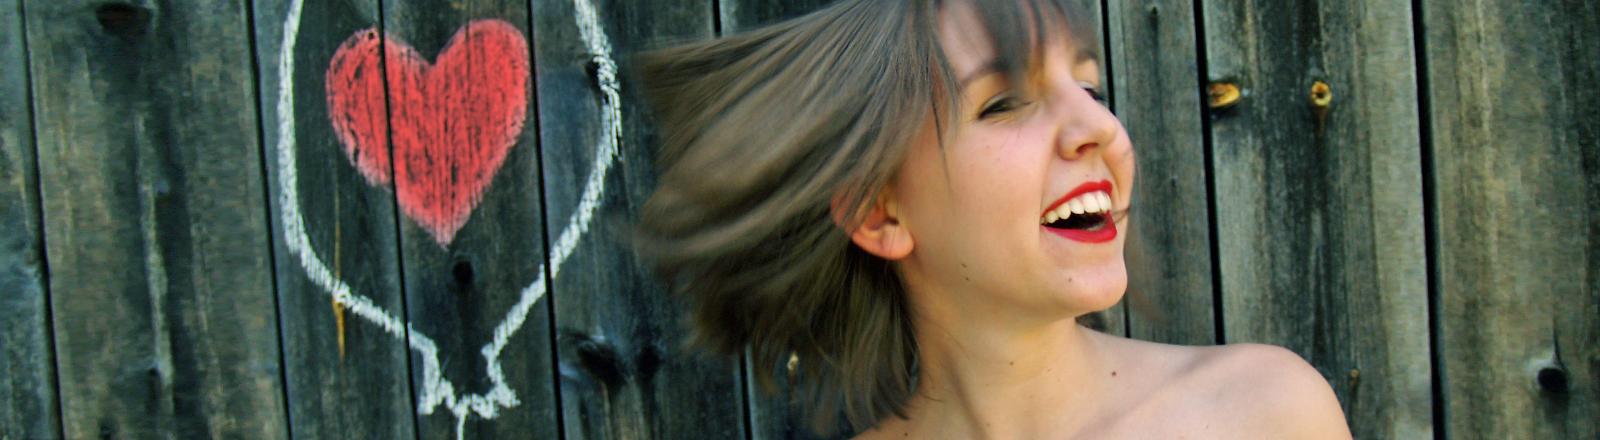 Eine Frau steht glücklich strahlend vor einer Holzwand, neben ihr ist ein Herz aufgemalt.